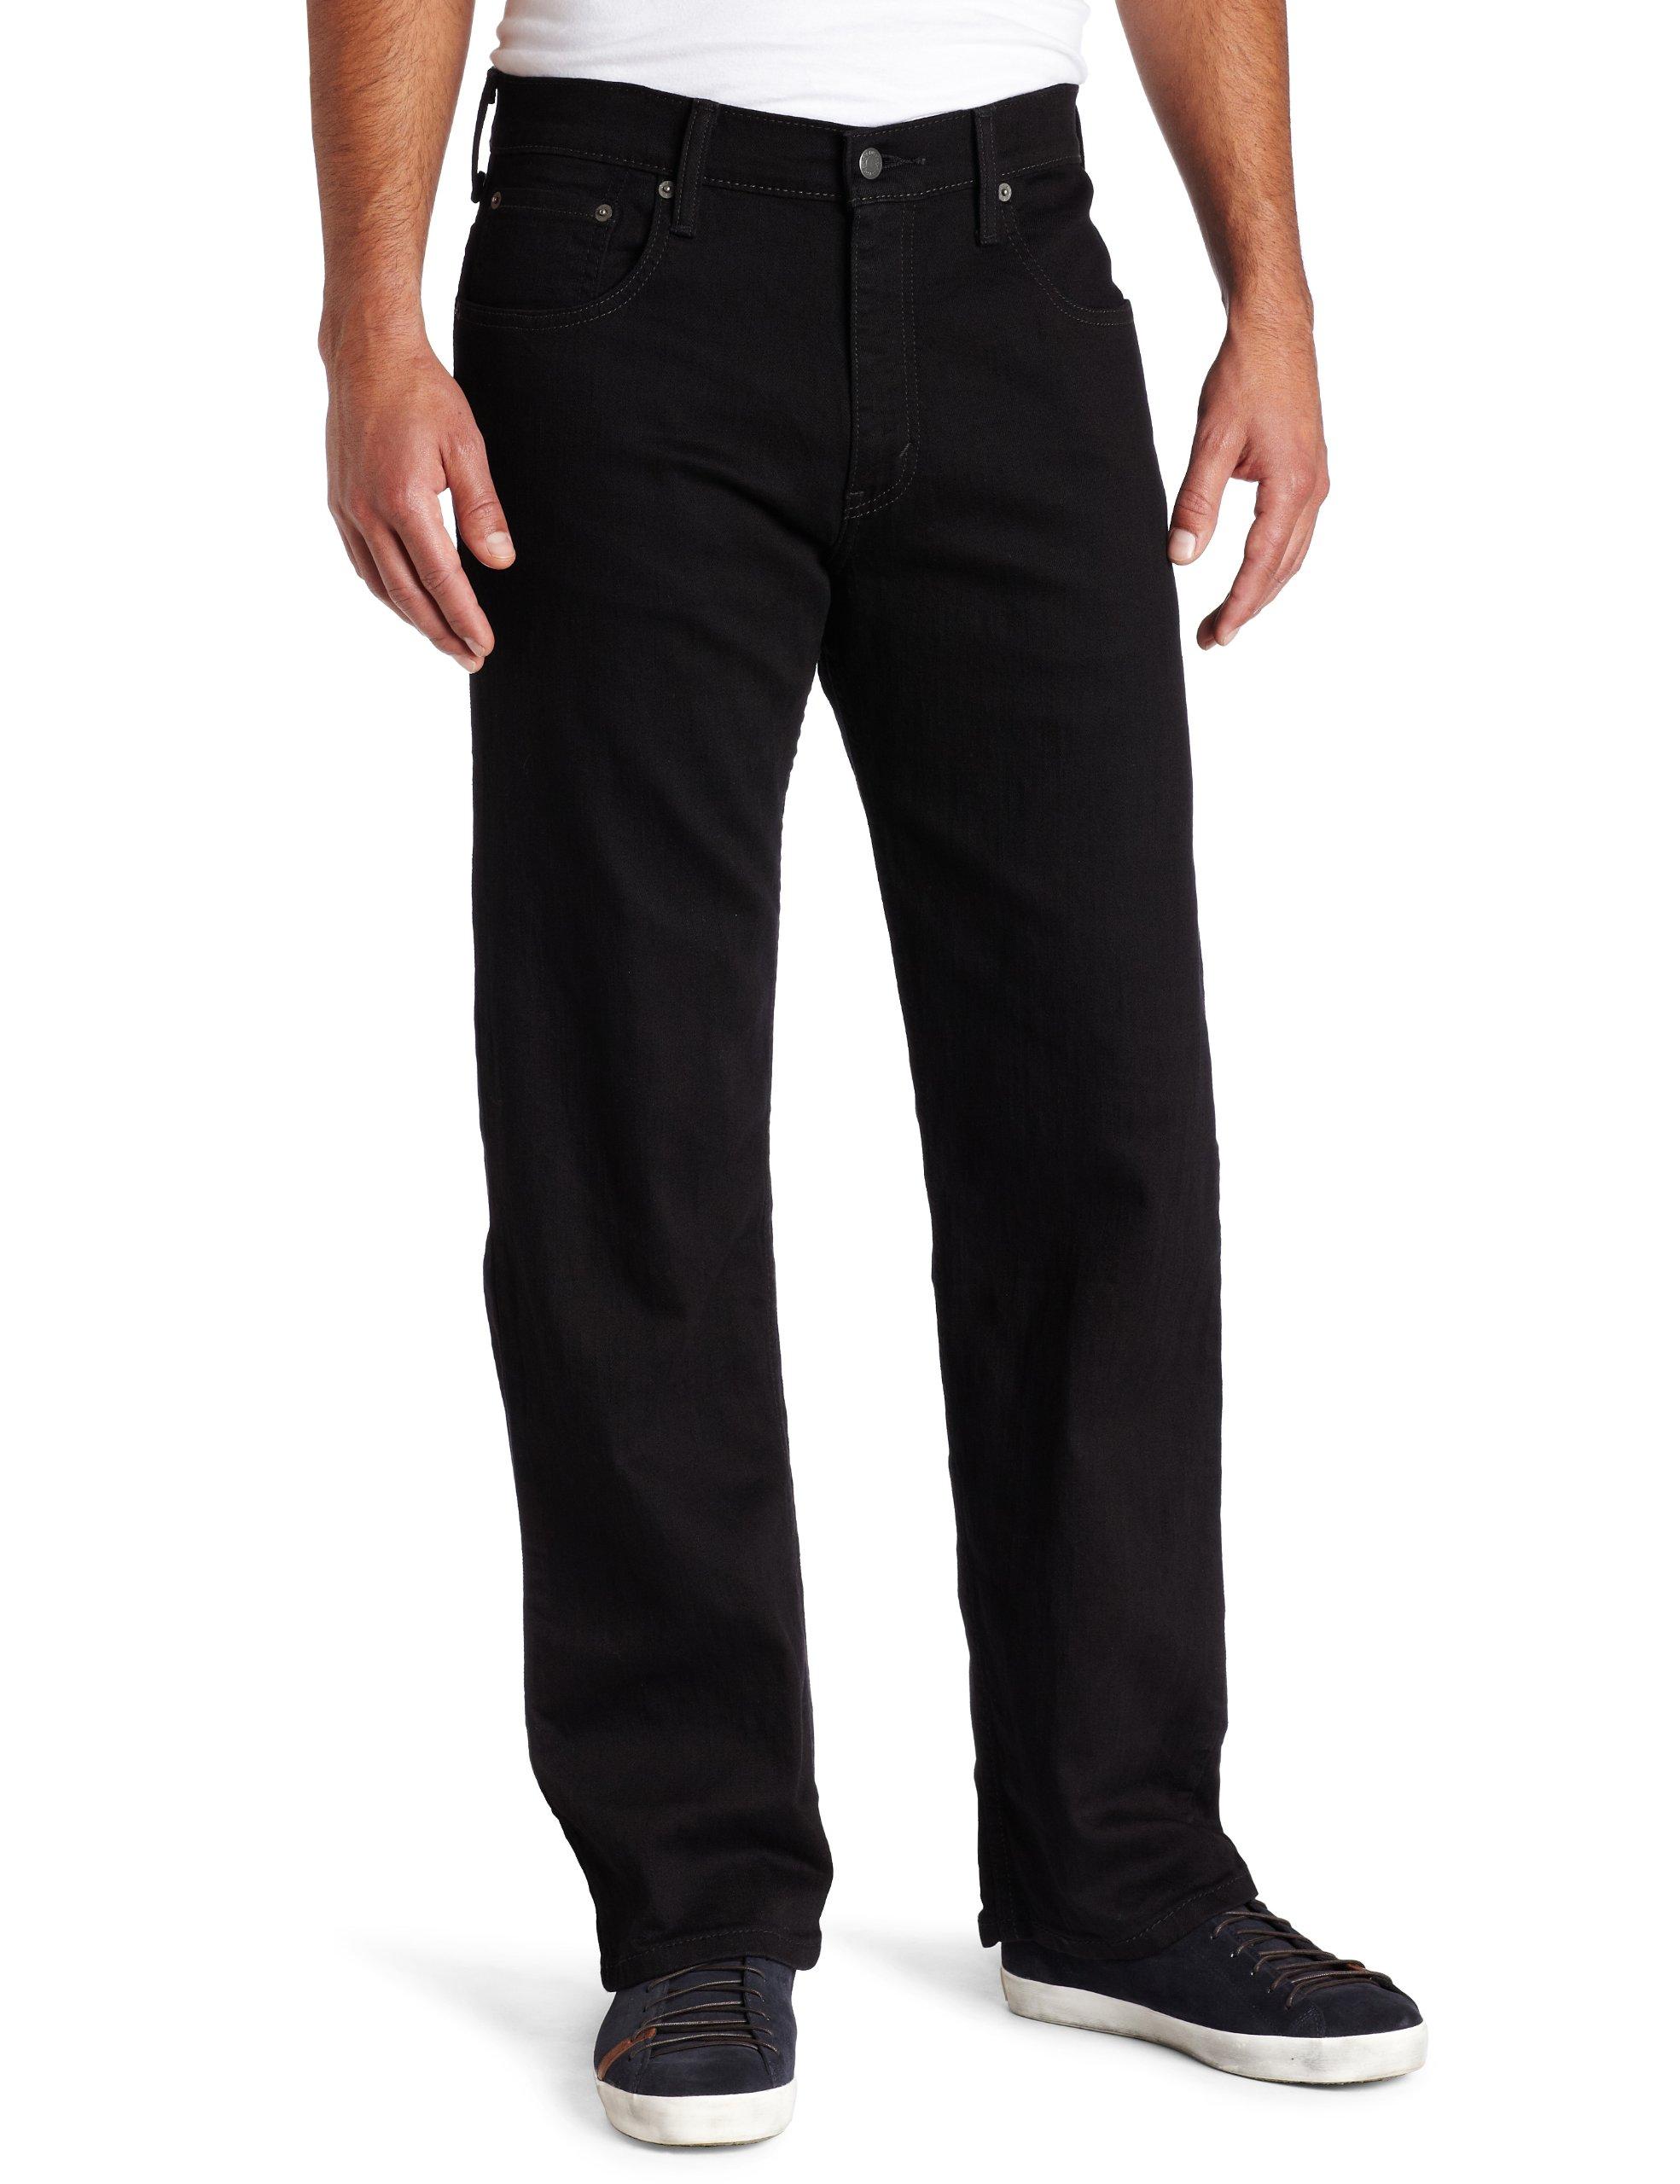 Levi's Men's 569 Loose Straight Leg Jean, Black, 34x36